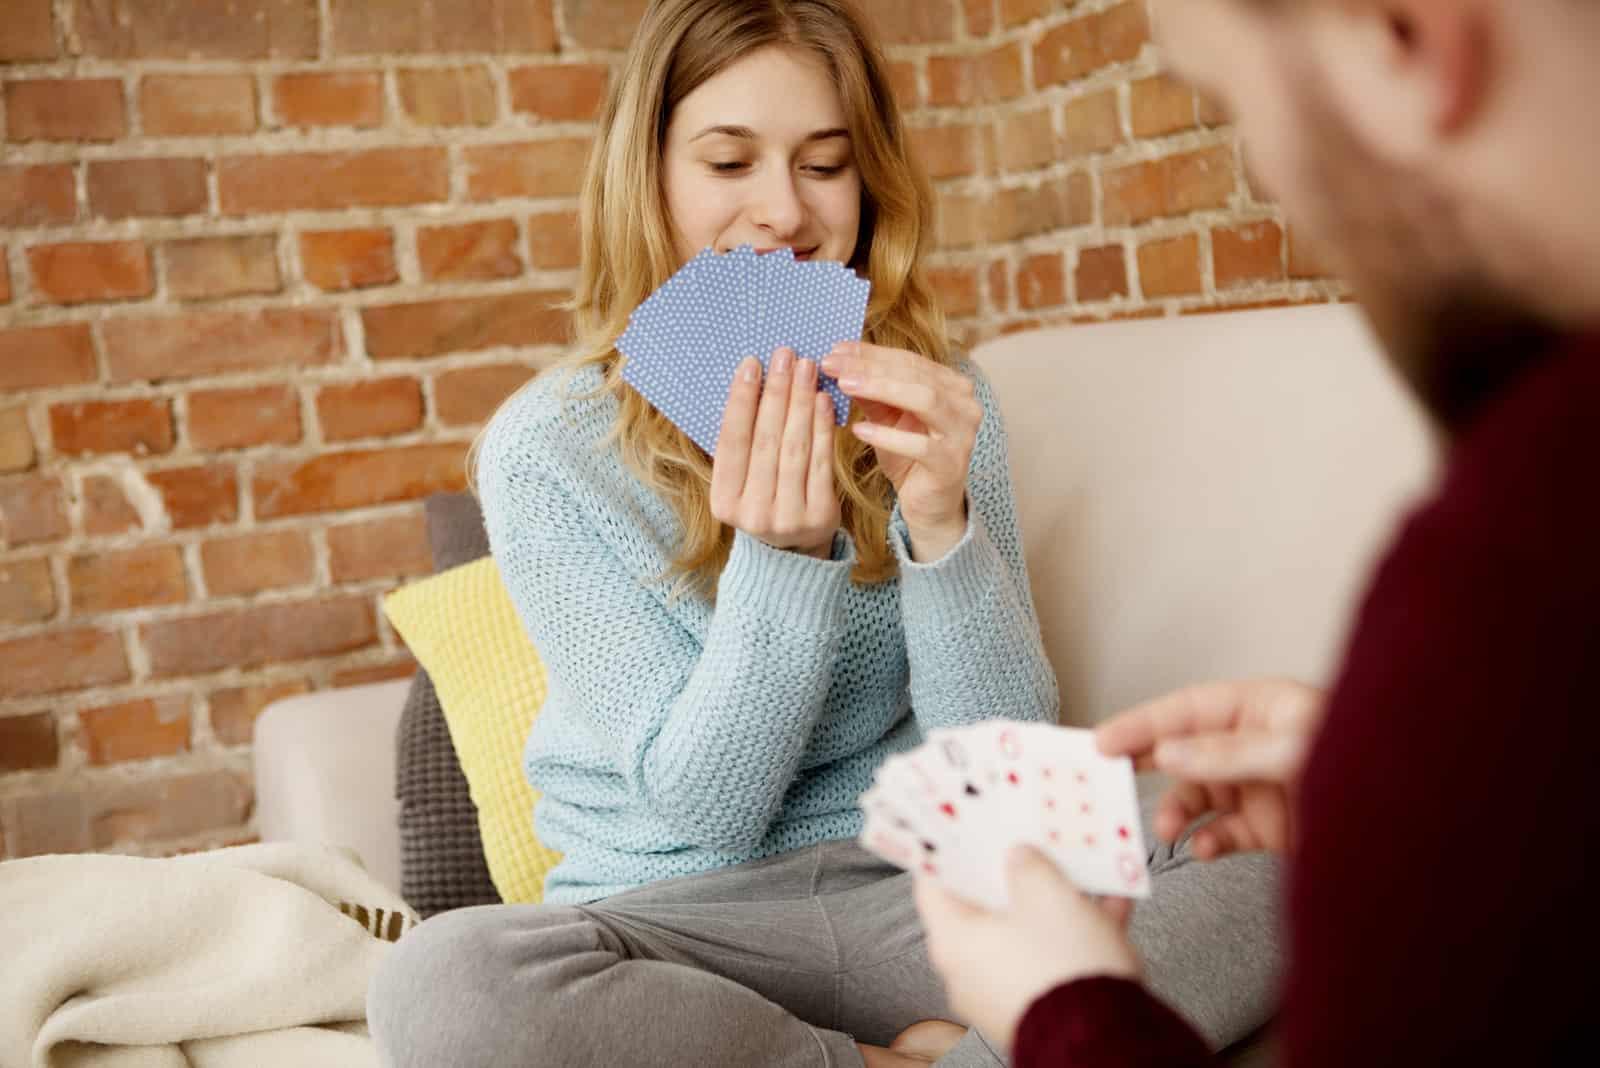 un homme et une femme s'assoient et jouent aux cartes